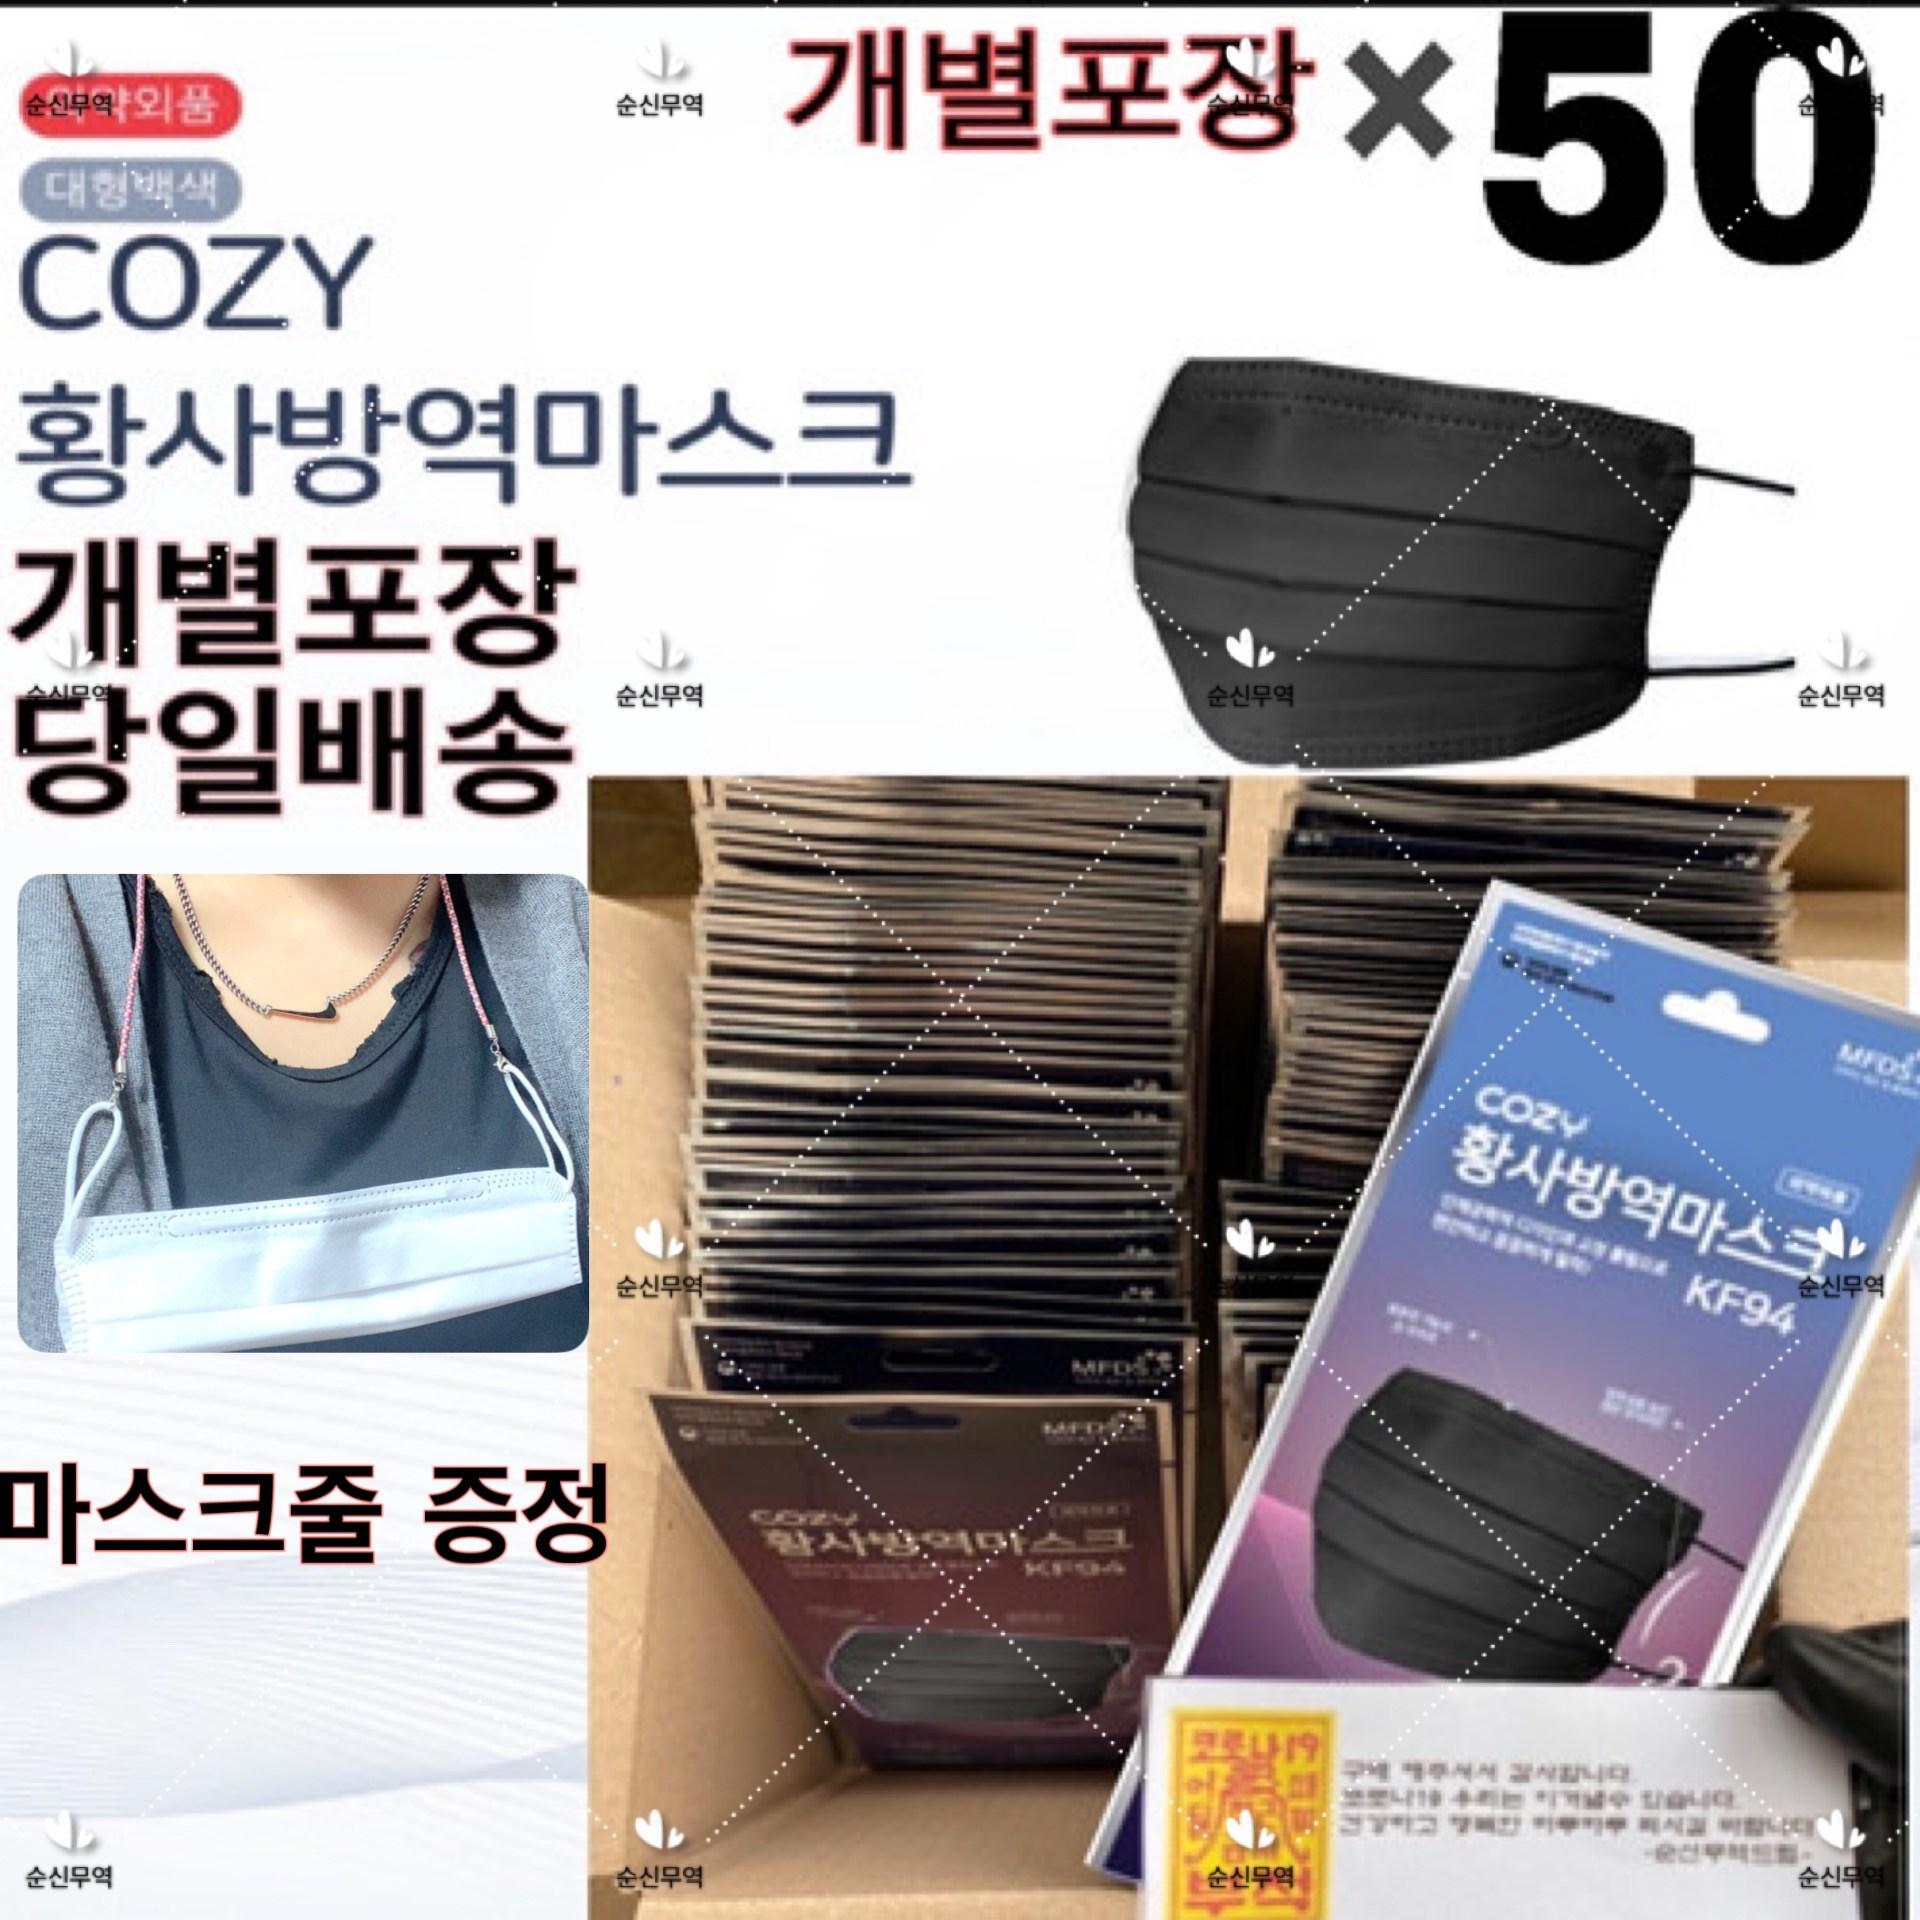 (타임세일)코지cozy 블랙 KF94 황사방역마스크 개별포장X50_X100개 국내원단 당일배송, 1개입, 50개